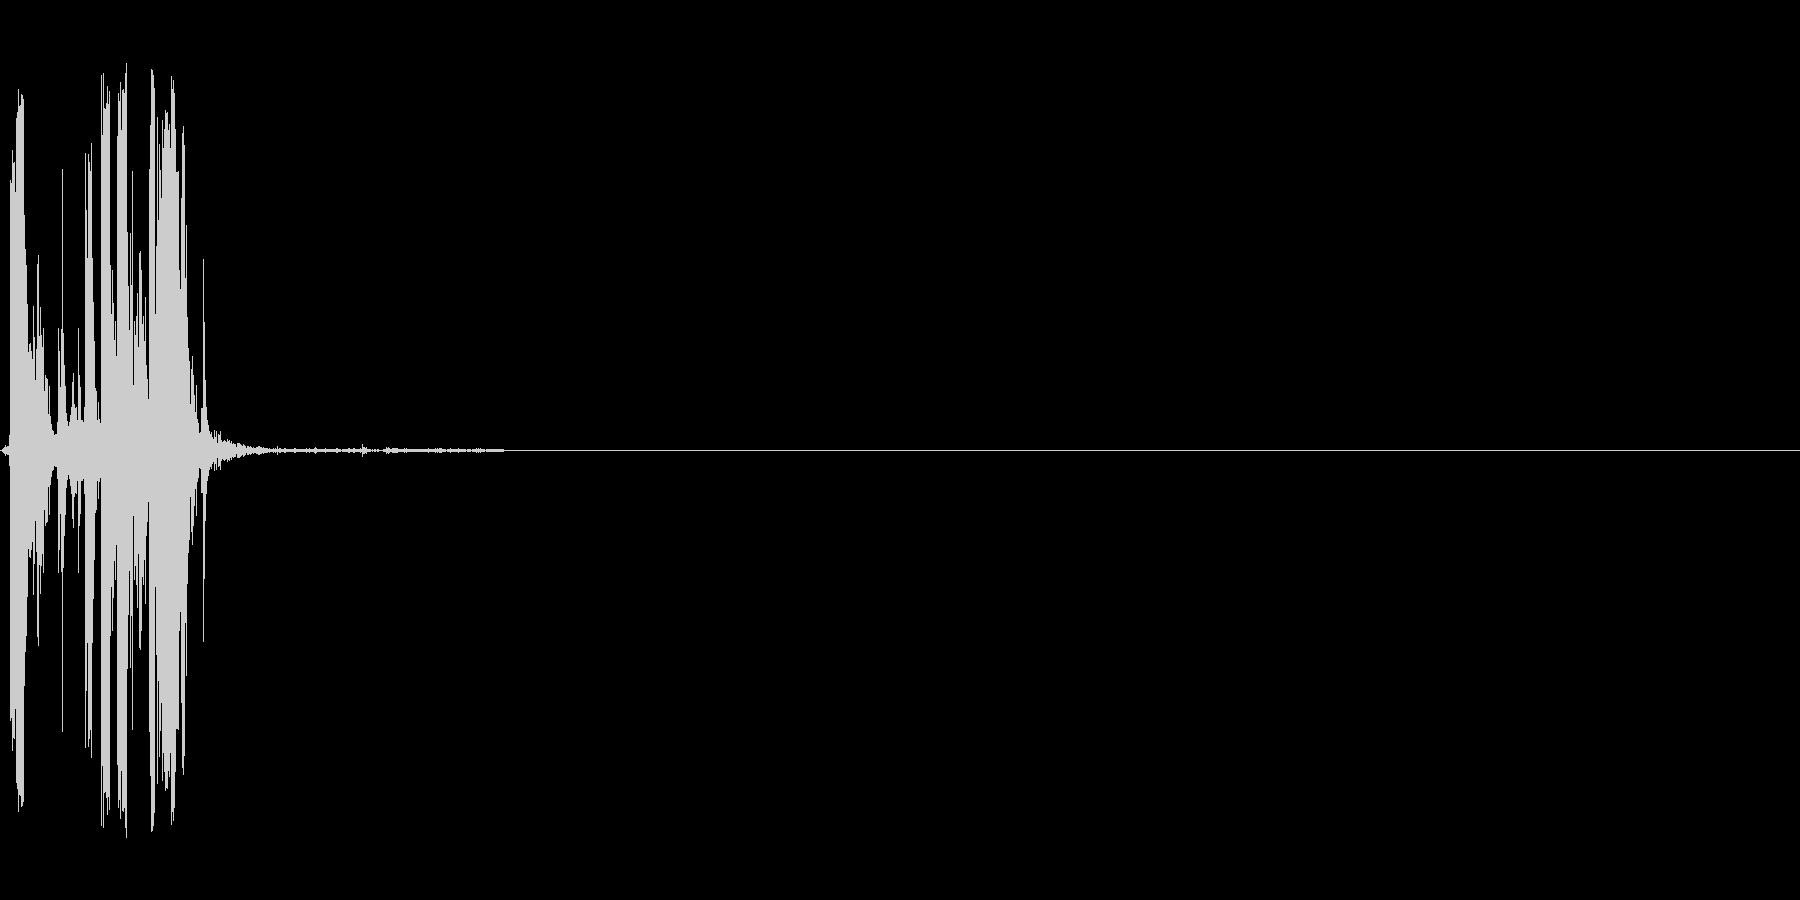 ウッドブレイクベリーショートハイスナップの未再生の波形